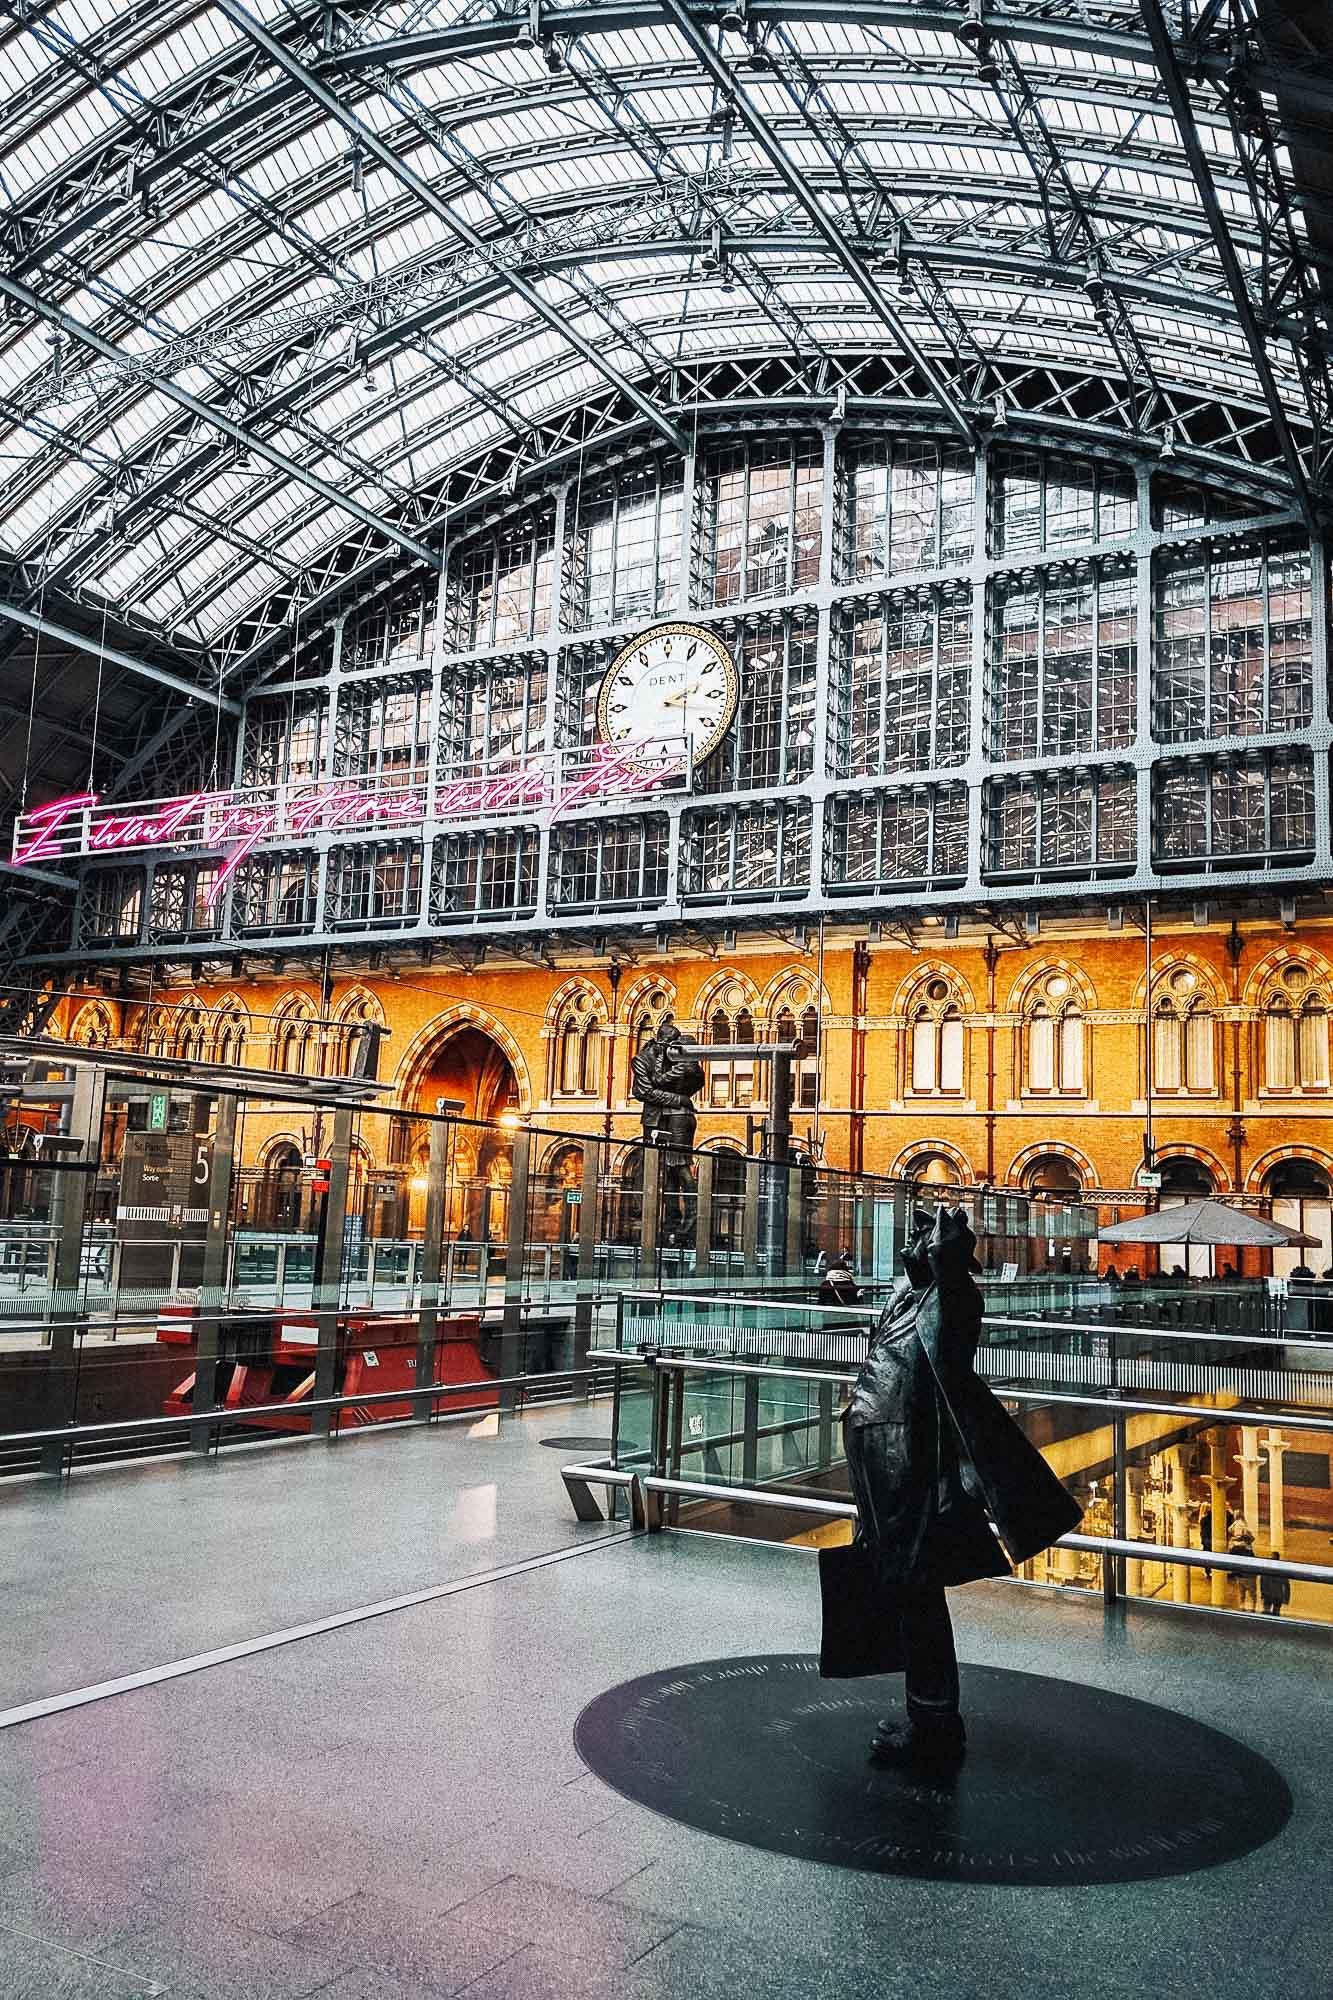 Railway station at St Pancras International in London, UK